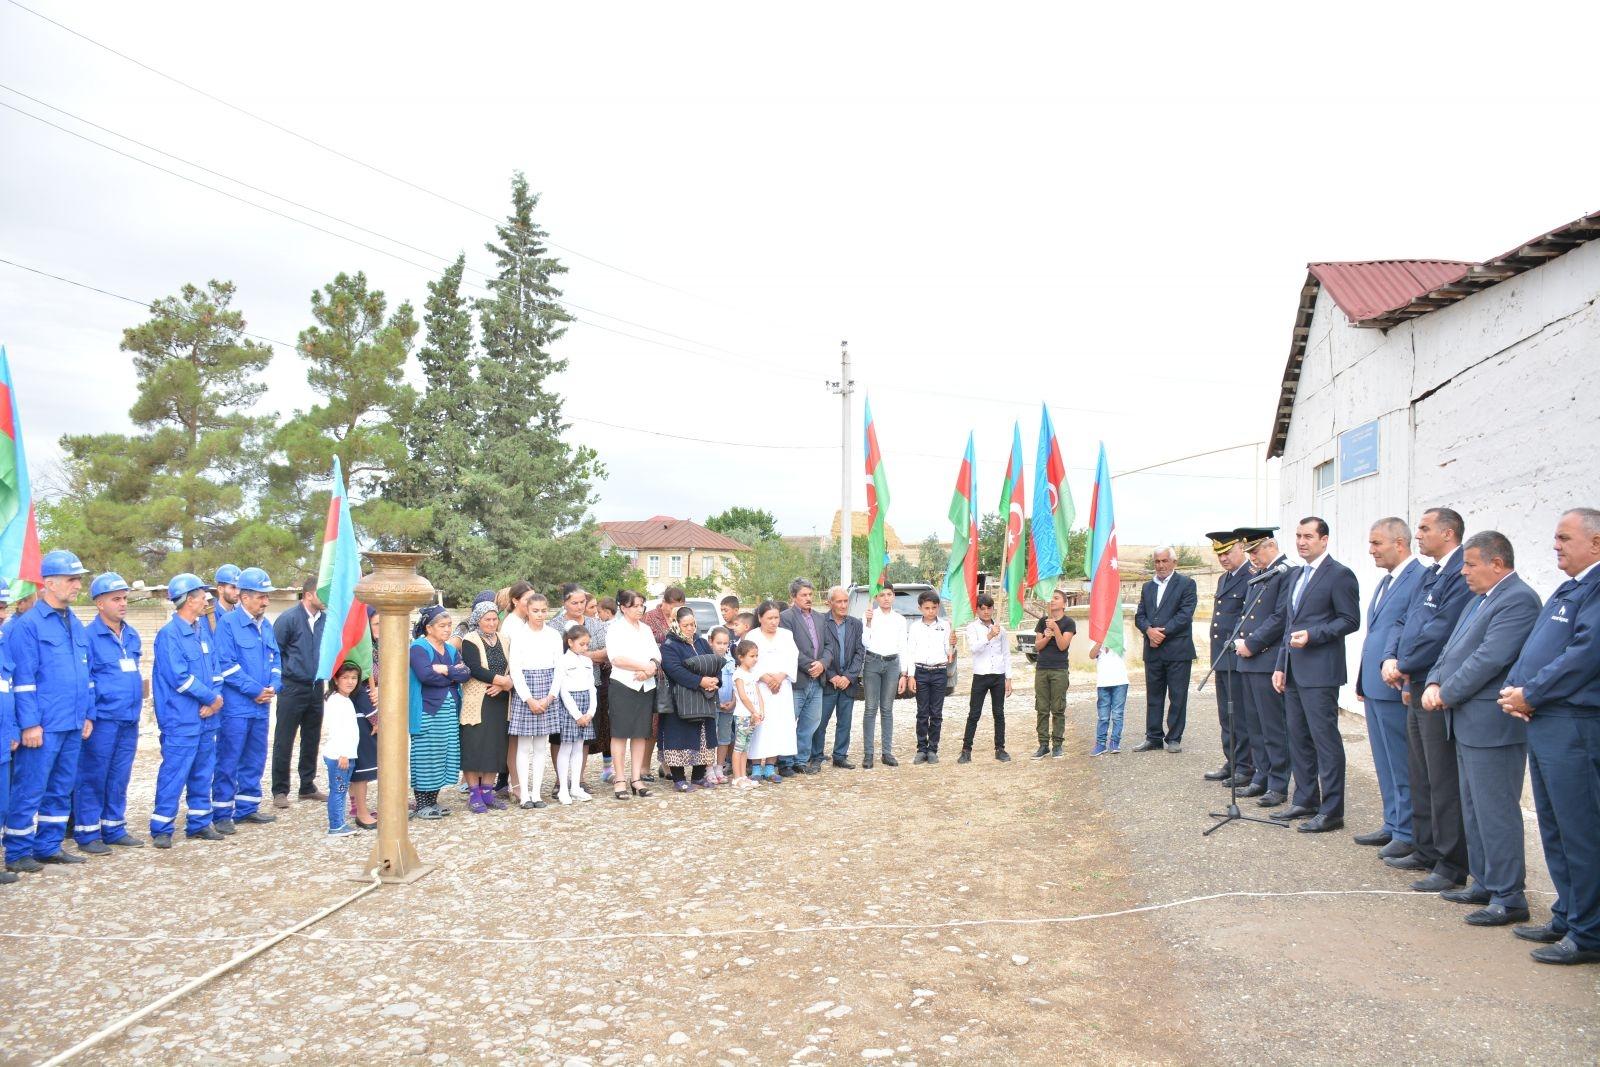 Şamaxı rayonunun daha 2 yaşayış məntəqəsinə - Çöl Göylər və Çıraqlı kəndlərinə ilk dəfə təbii qaz verilib